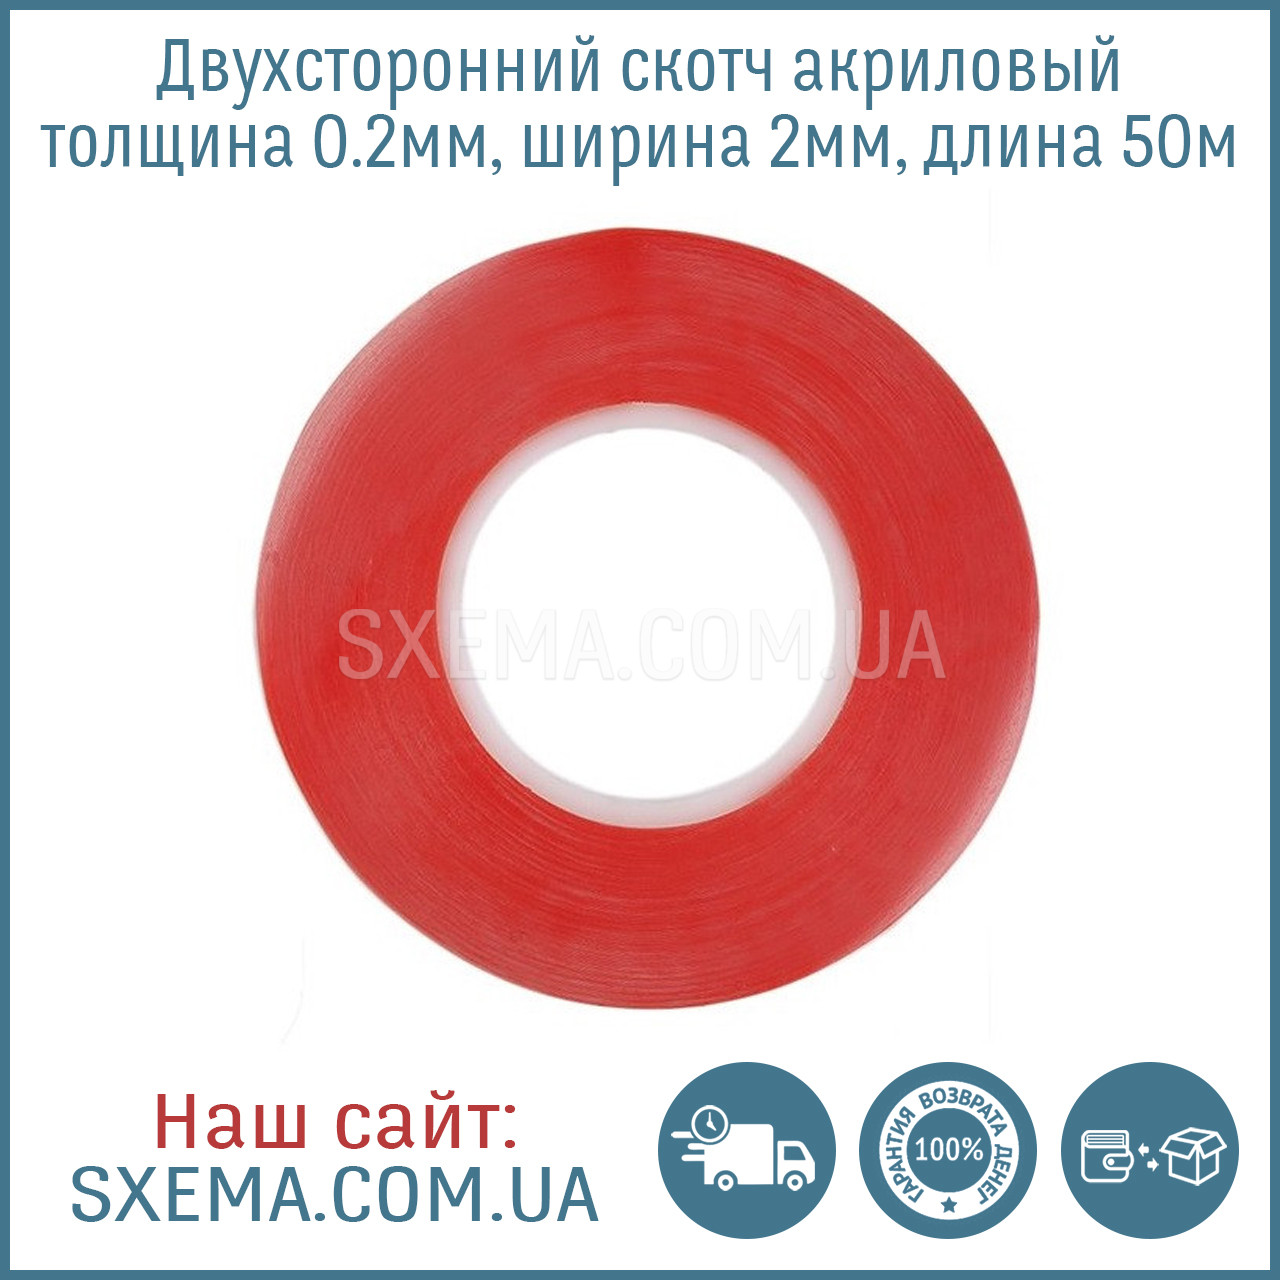 Двухсторонний скотч акриловый, толщина 0.2мм, ширина 2мм, длина 50м